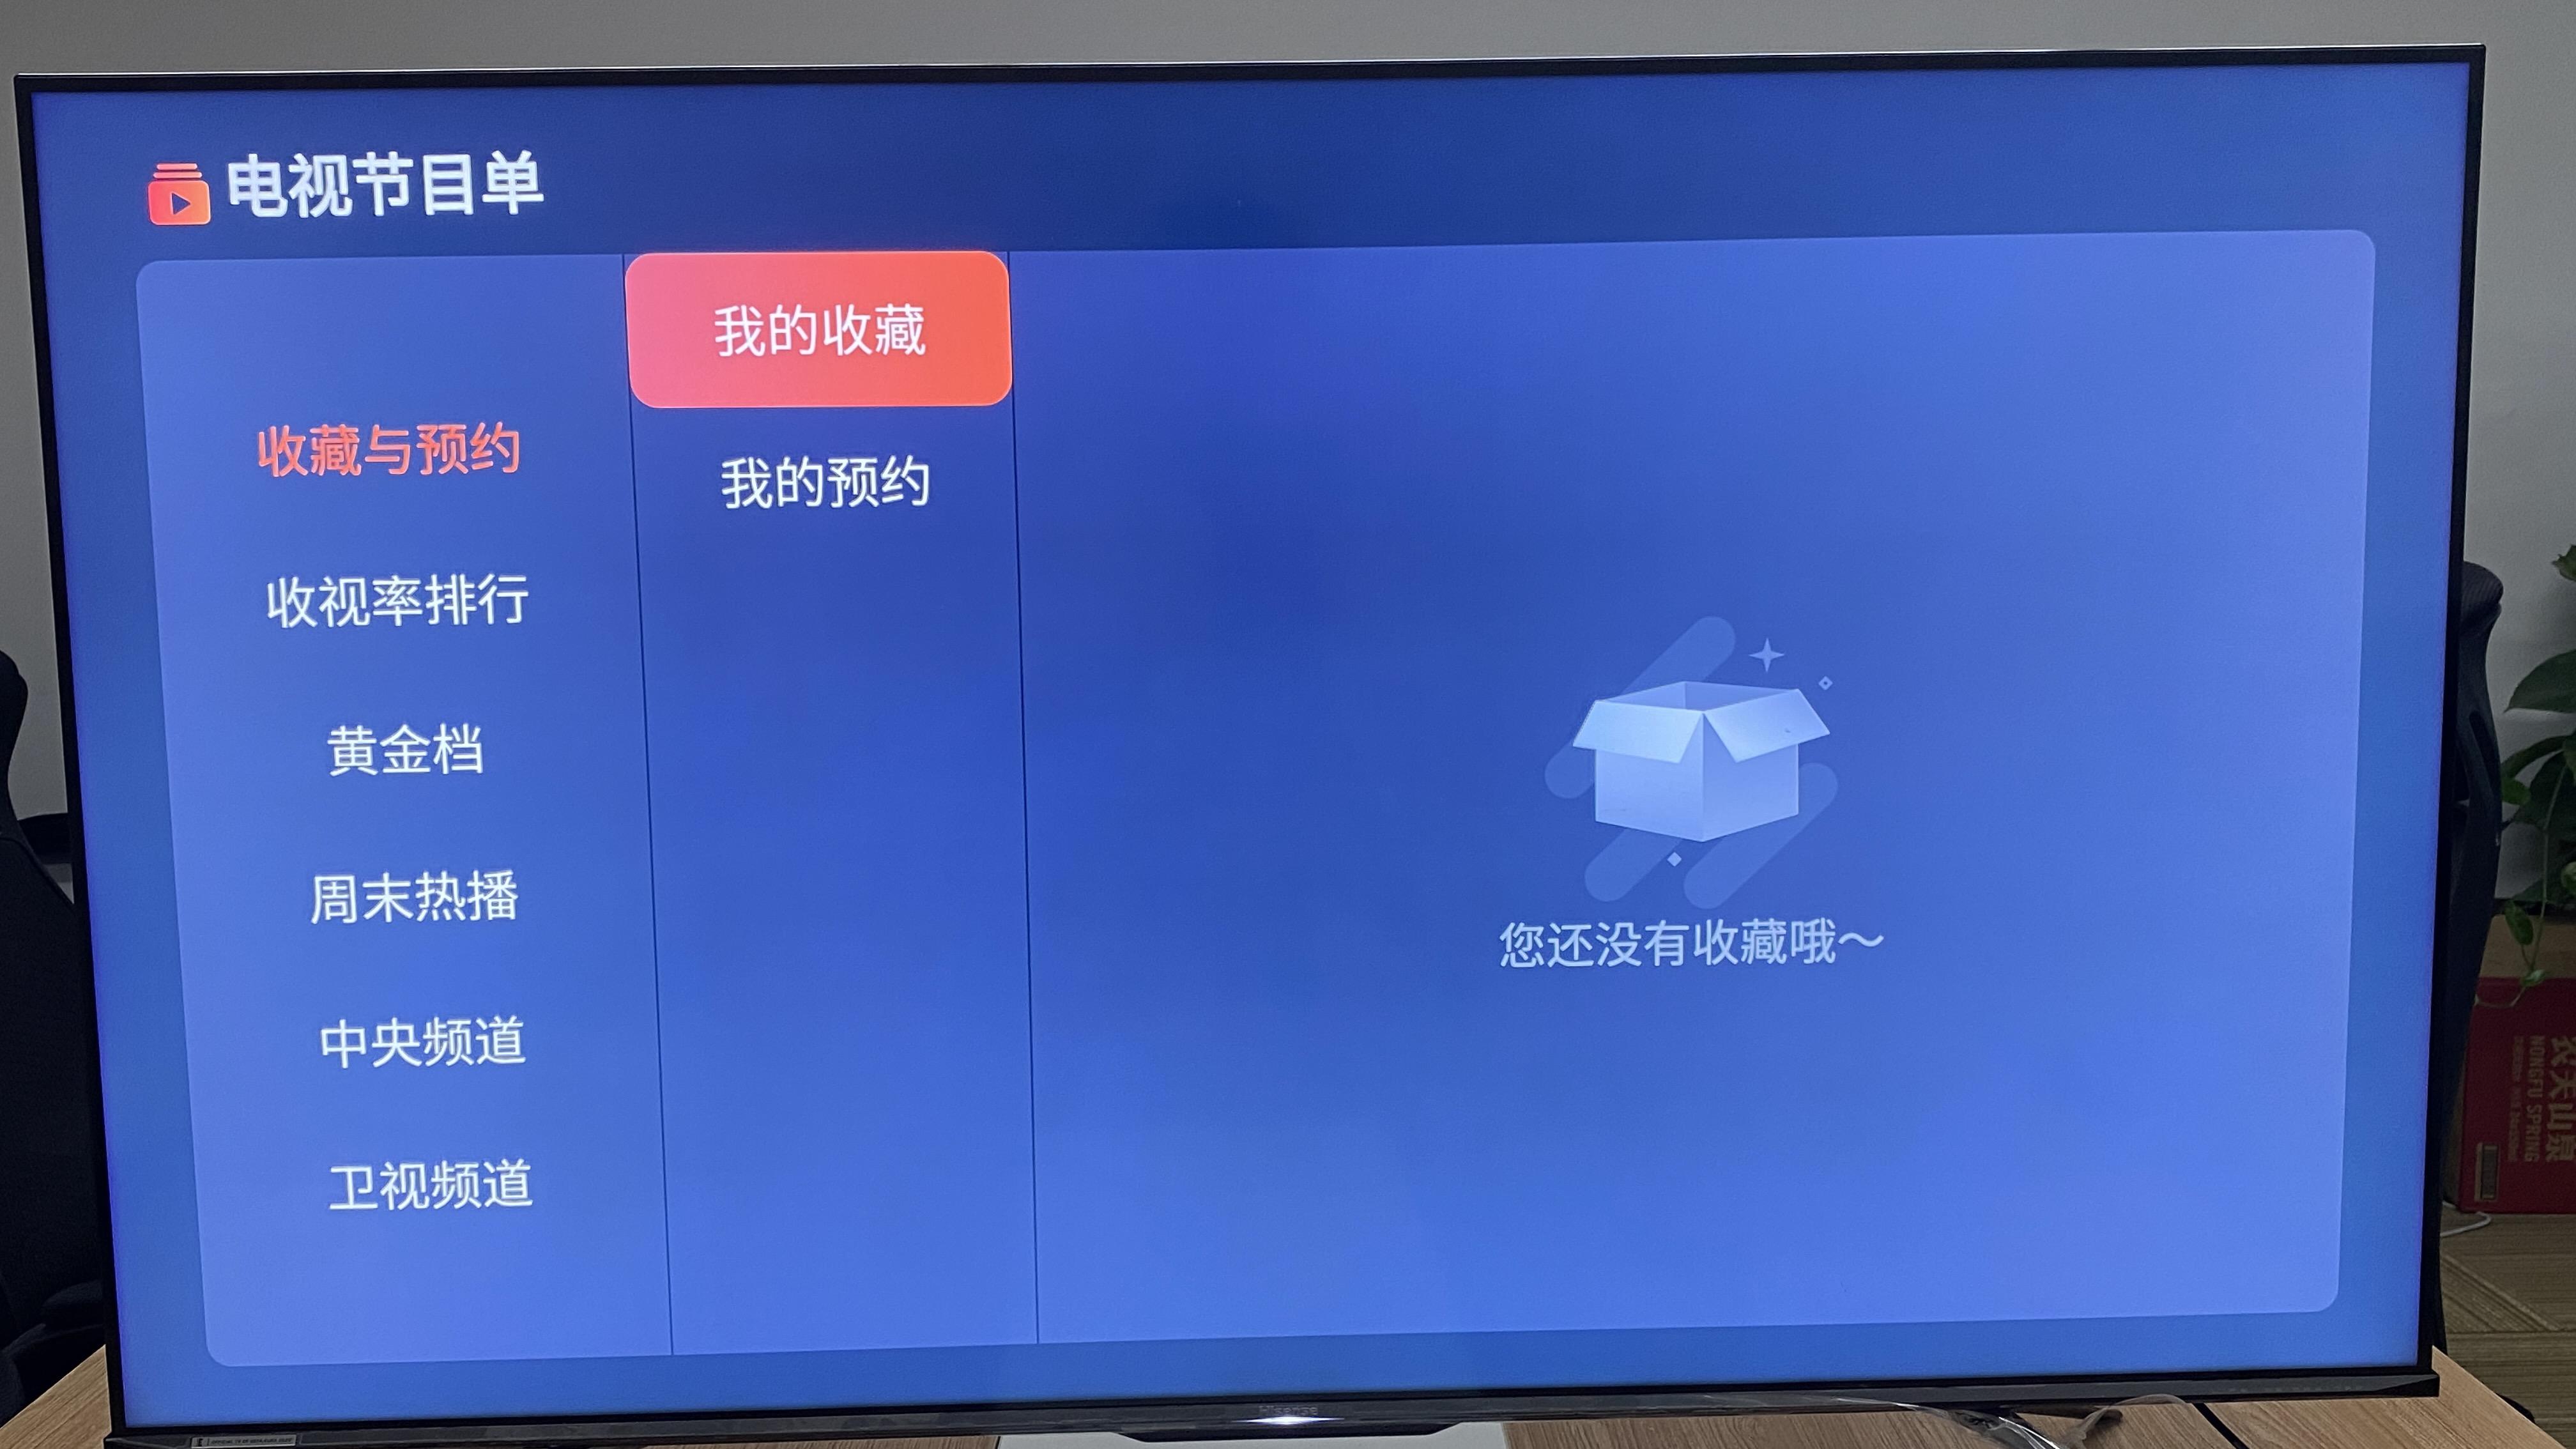 海信电视怎么调出频道(海信电视信号源选择哪个)